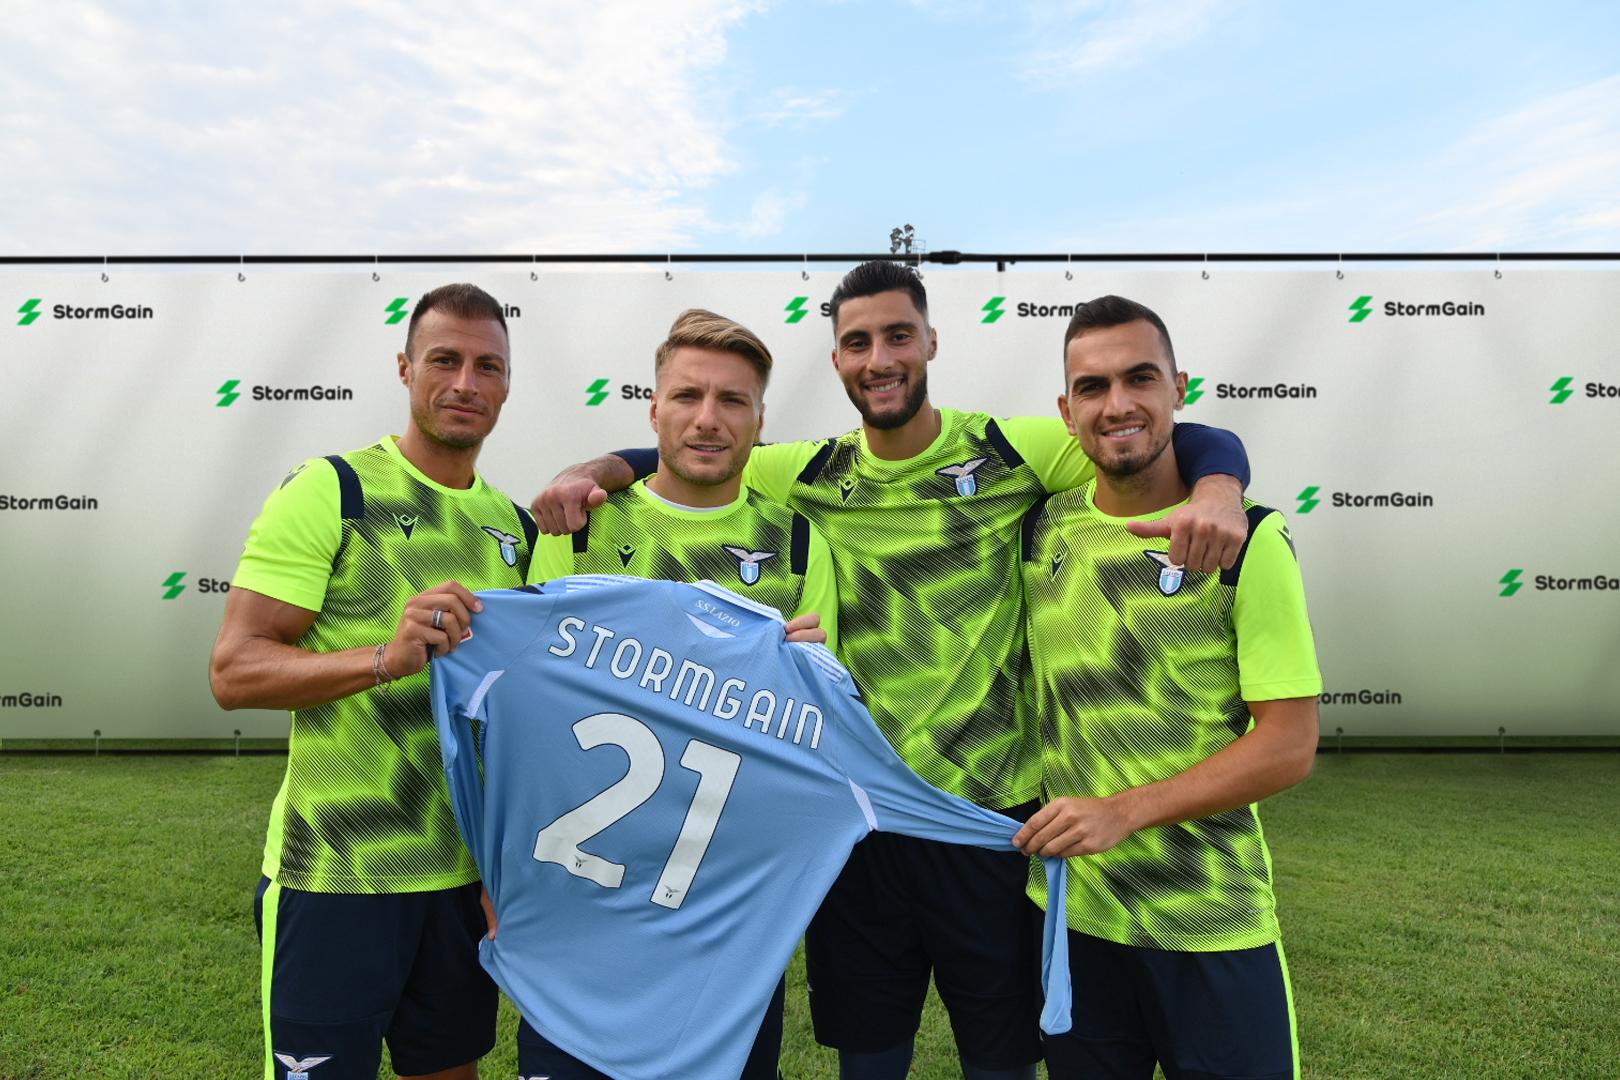 Lazio stormgain v3d 1